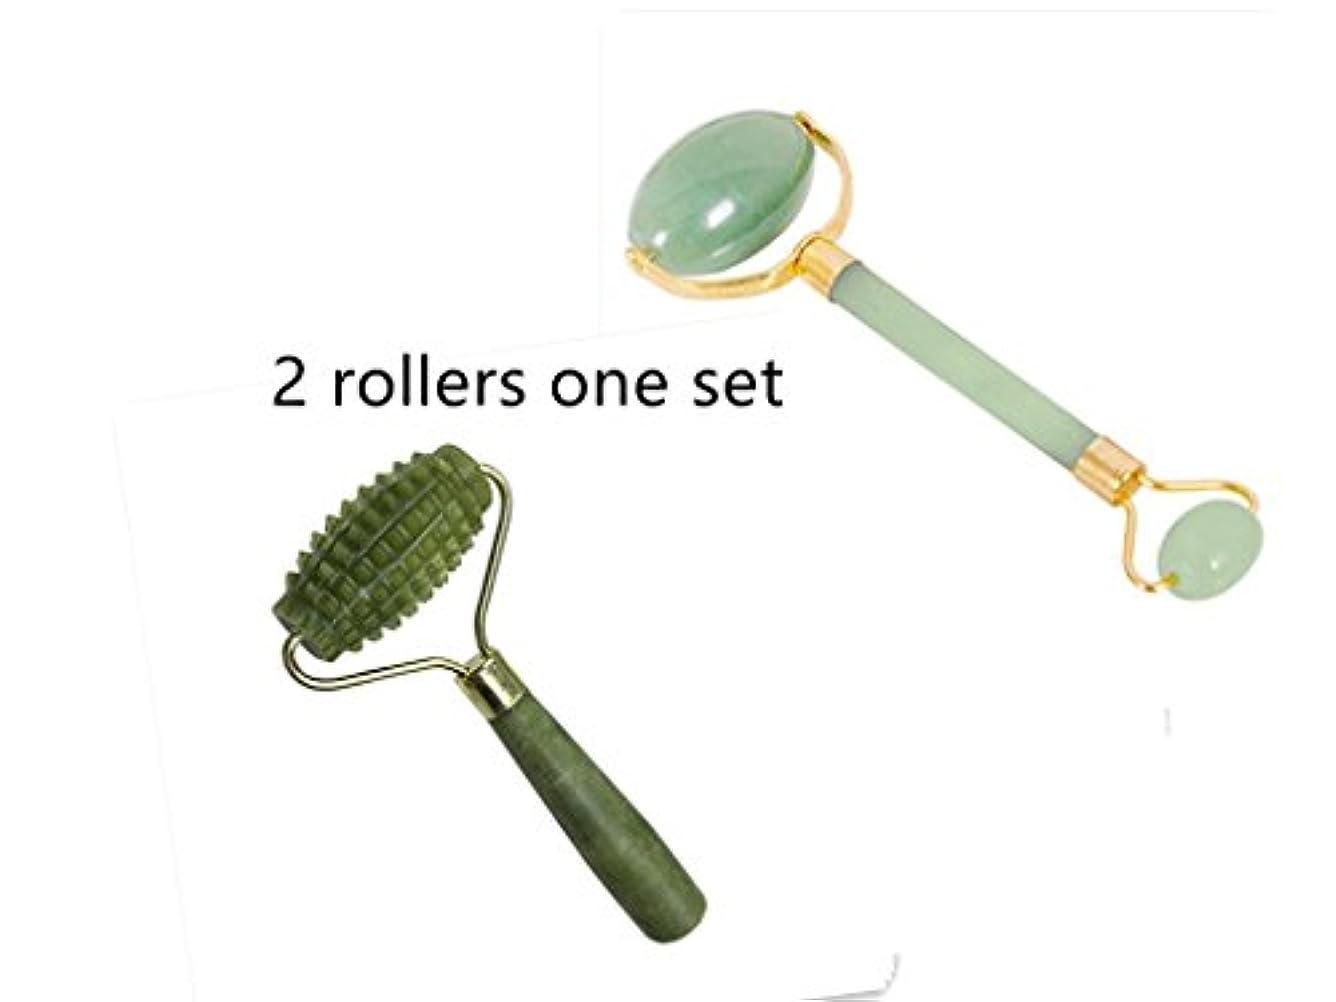 経由でコンクリート解決Echo & Kern 2点翡翠フェイスマッサジギザギザ付きでローラー 2pcs one set Double head Jade Roller and one single head Jade roller